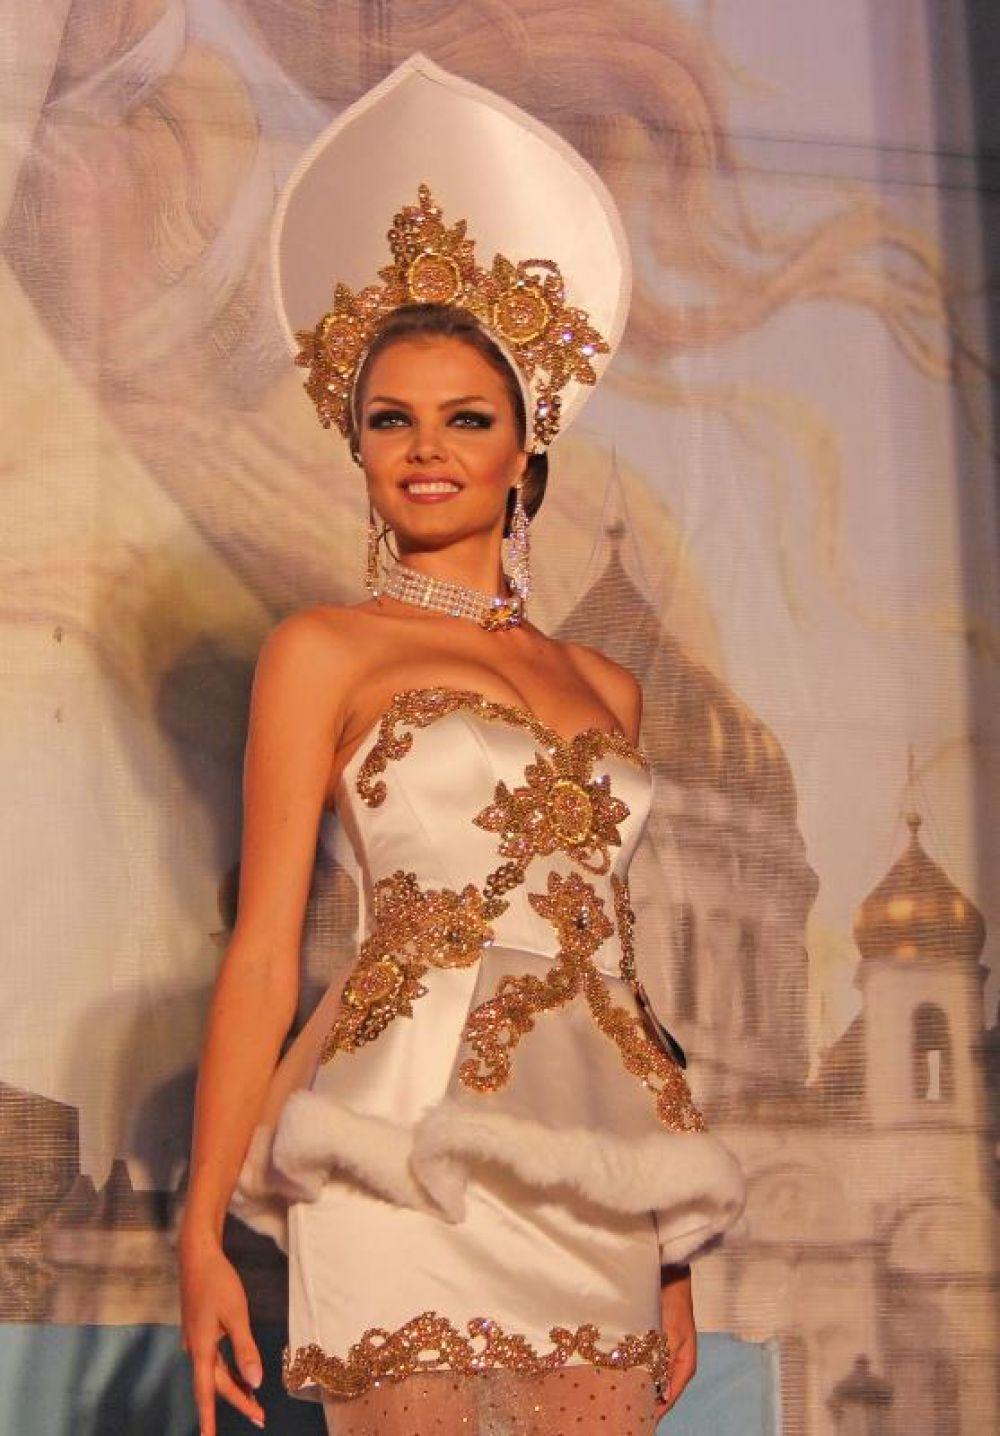 В дни своего пребывания в Ростове-на-Дону замужние красавицы приняли участие в различных мероприятиях. В первый день состоялась презентация национальных костюмов и блюд.